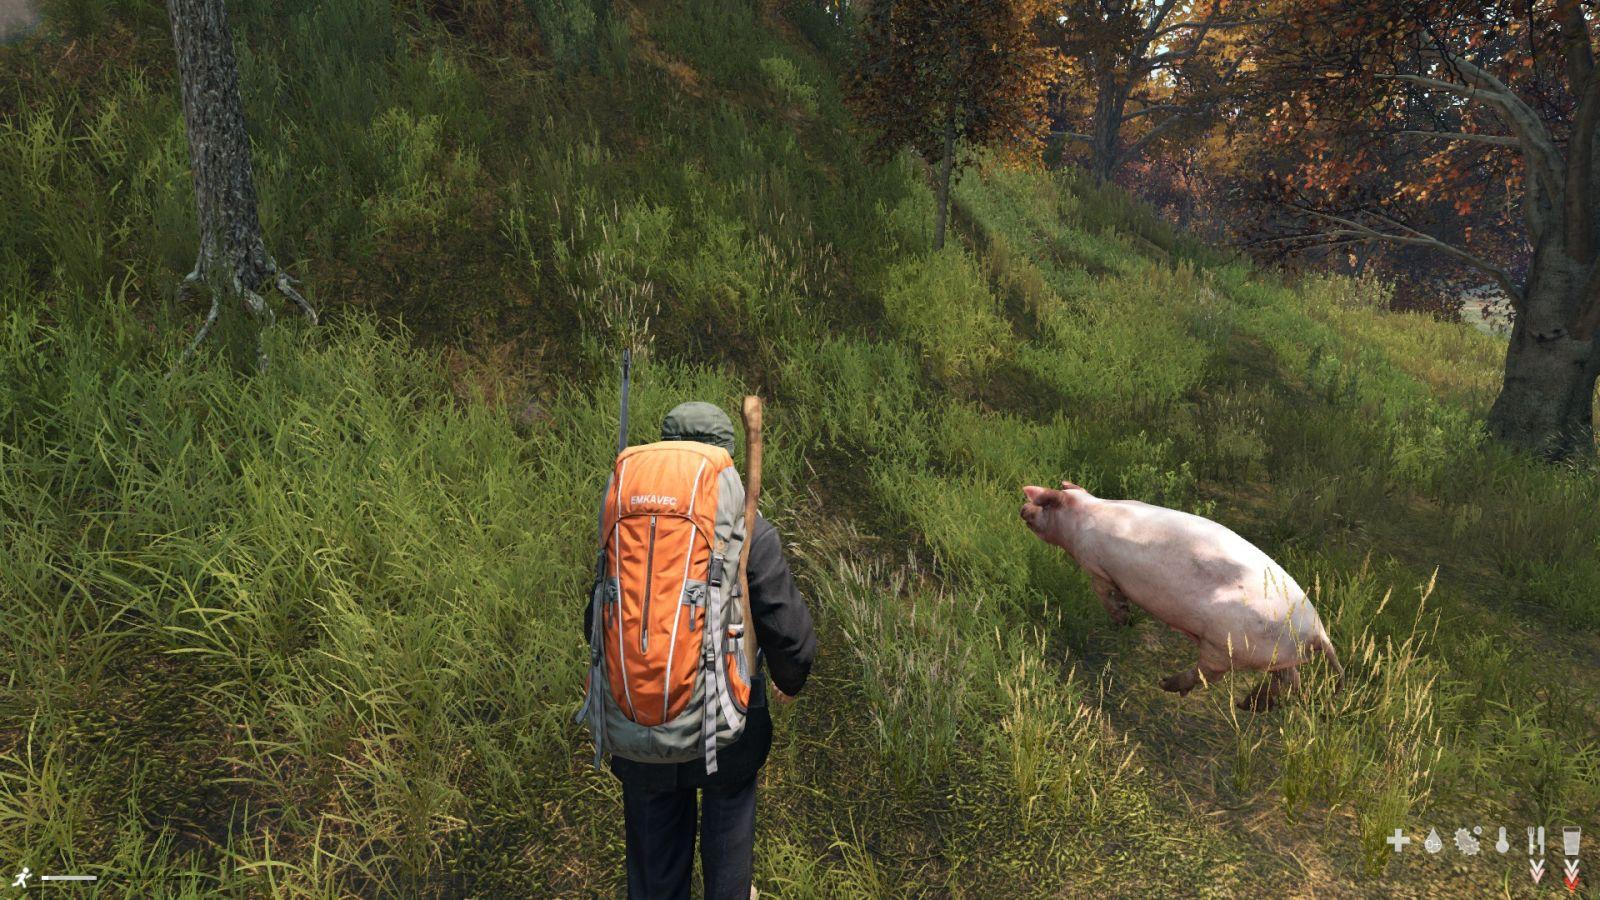 found a piggy friend